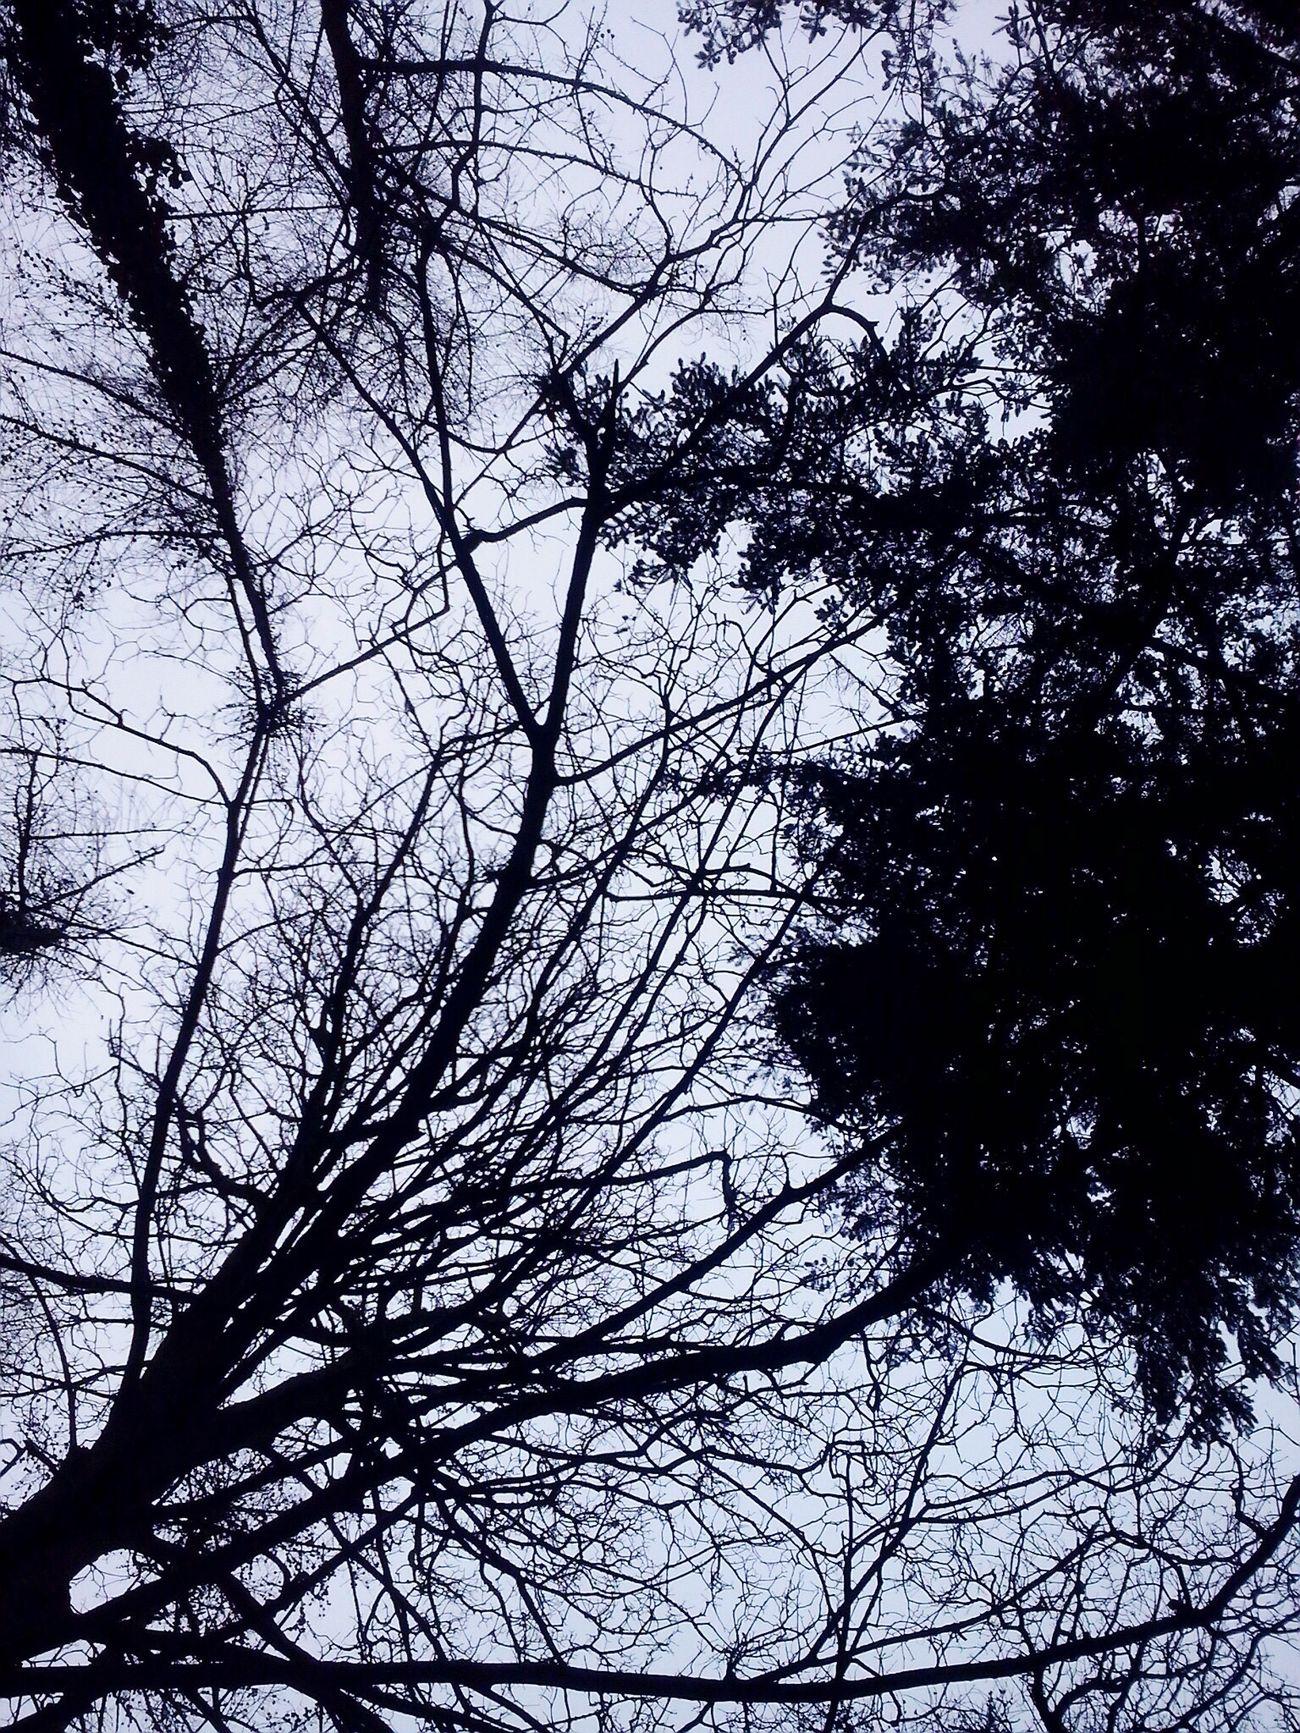 Tree Trees Trees And Sky Tree And Sky Malahide  Winter Winter Trees Sky Sky And Trees Dublin Ireland